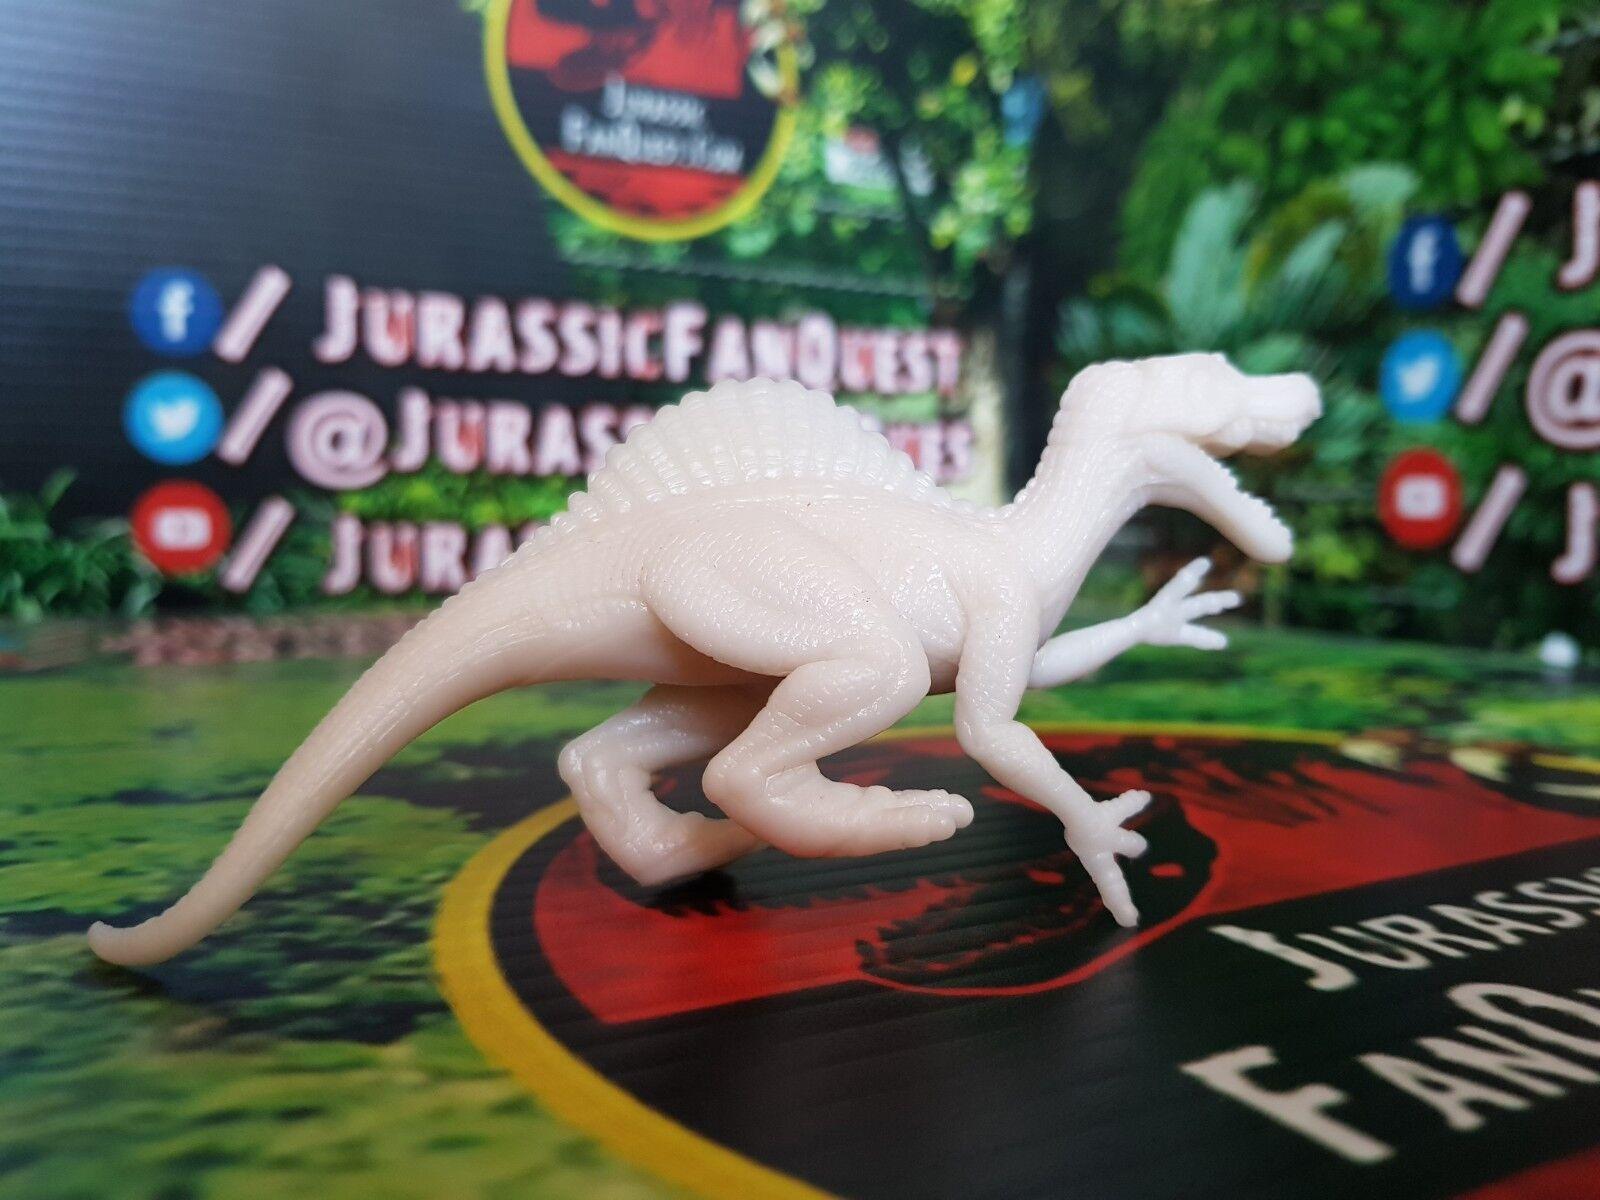 Jurassic Park Spinosaurus Hasbro Dinosaur Predotype with Date Stamps WHITE